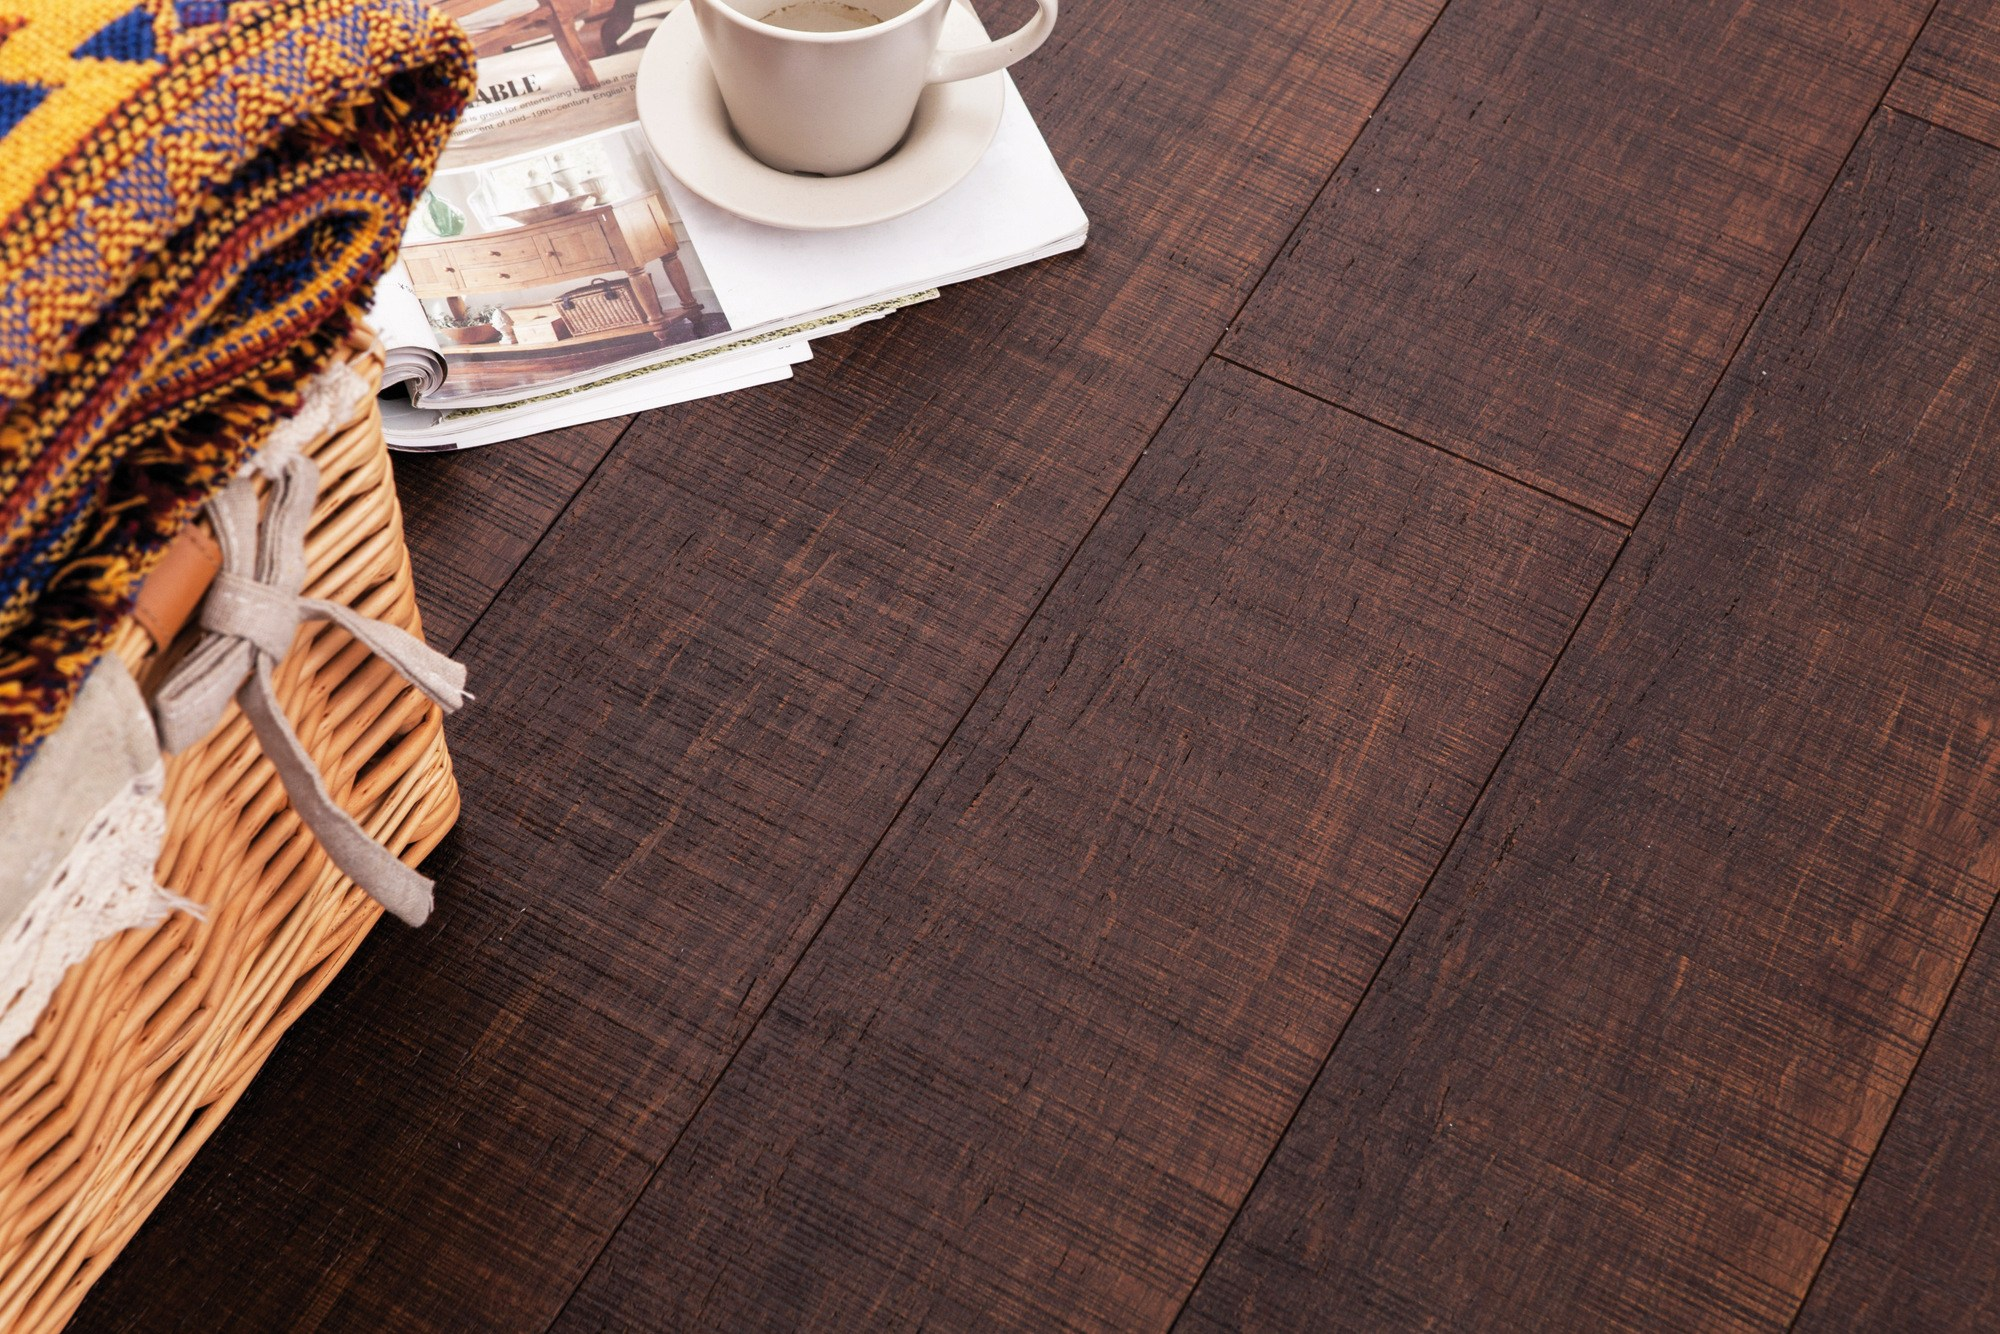 Massief Bamboe Vloer : Bamboe vloeren startpagina voor vloerbedekking ideeën uw vloer